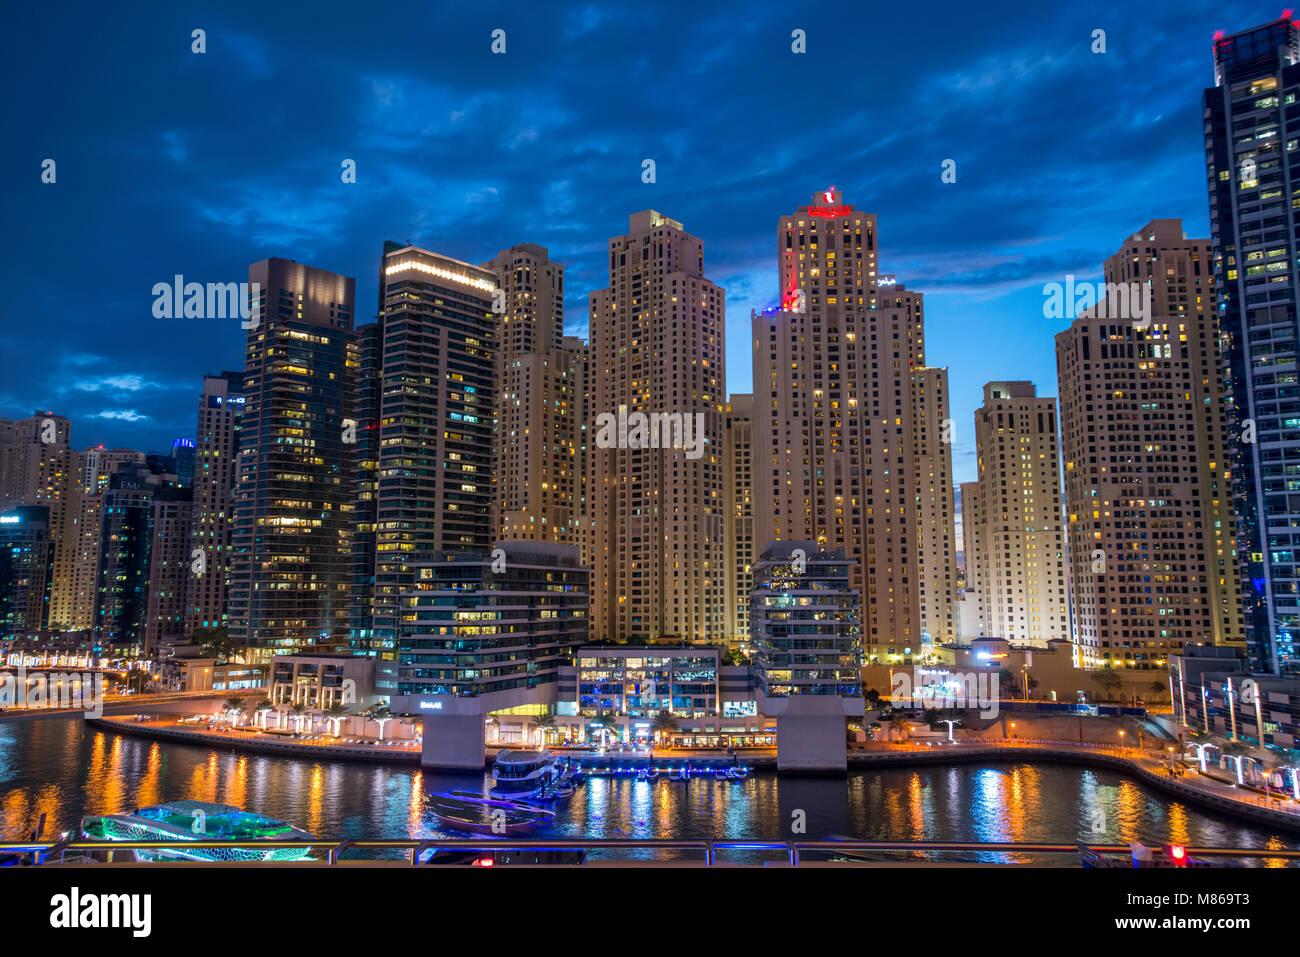 Stadtansichten durch Tag und Nacht, mit Singapur oder Dubai. Für Singapur, mit Marina Bay Sands am Hafen. Dubai Stockfoto